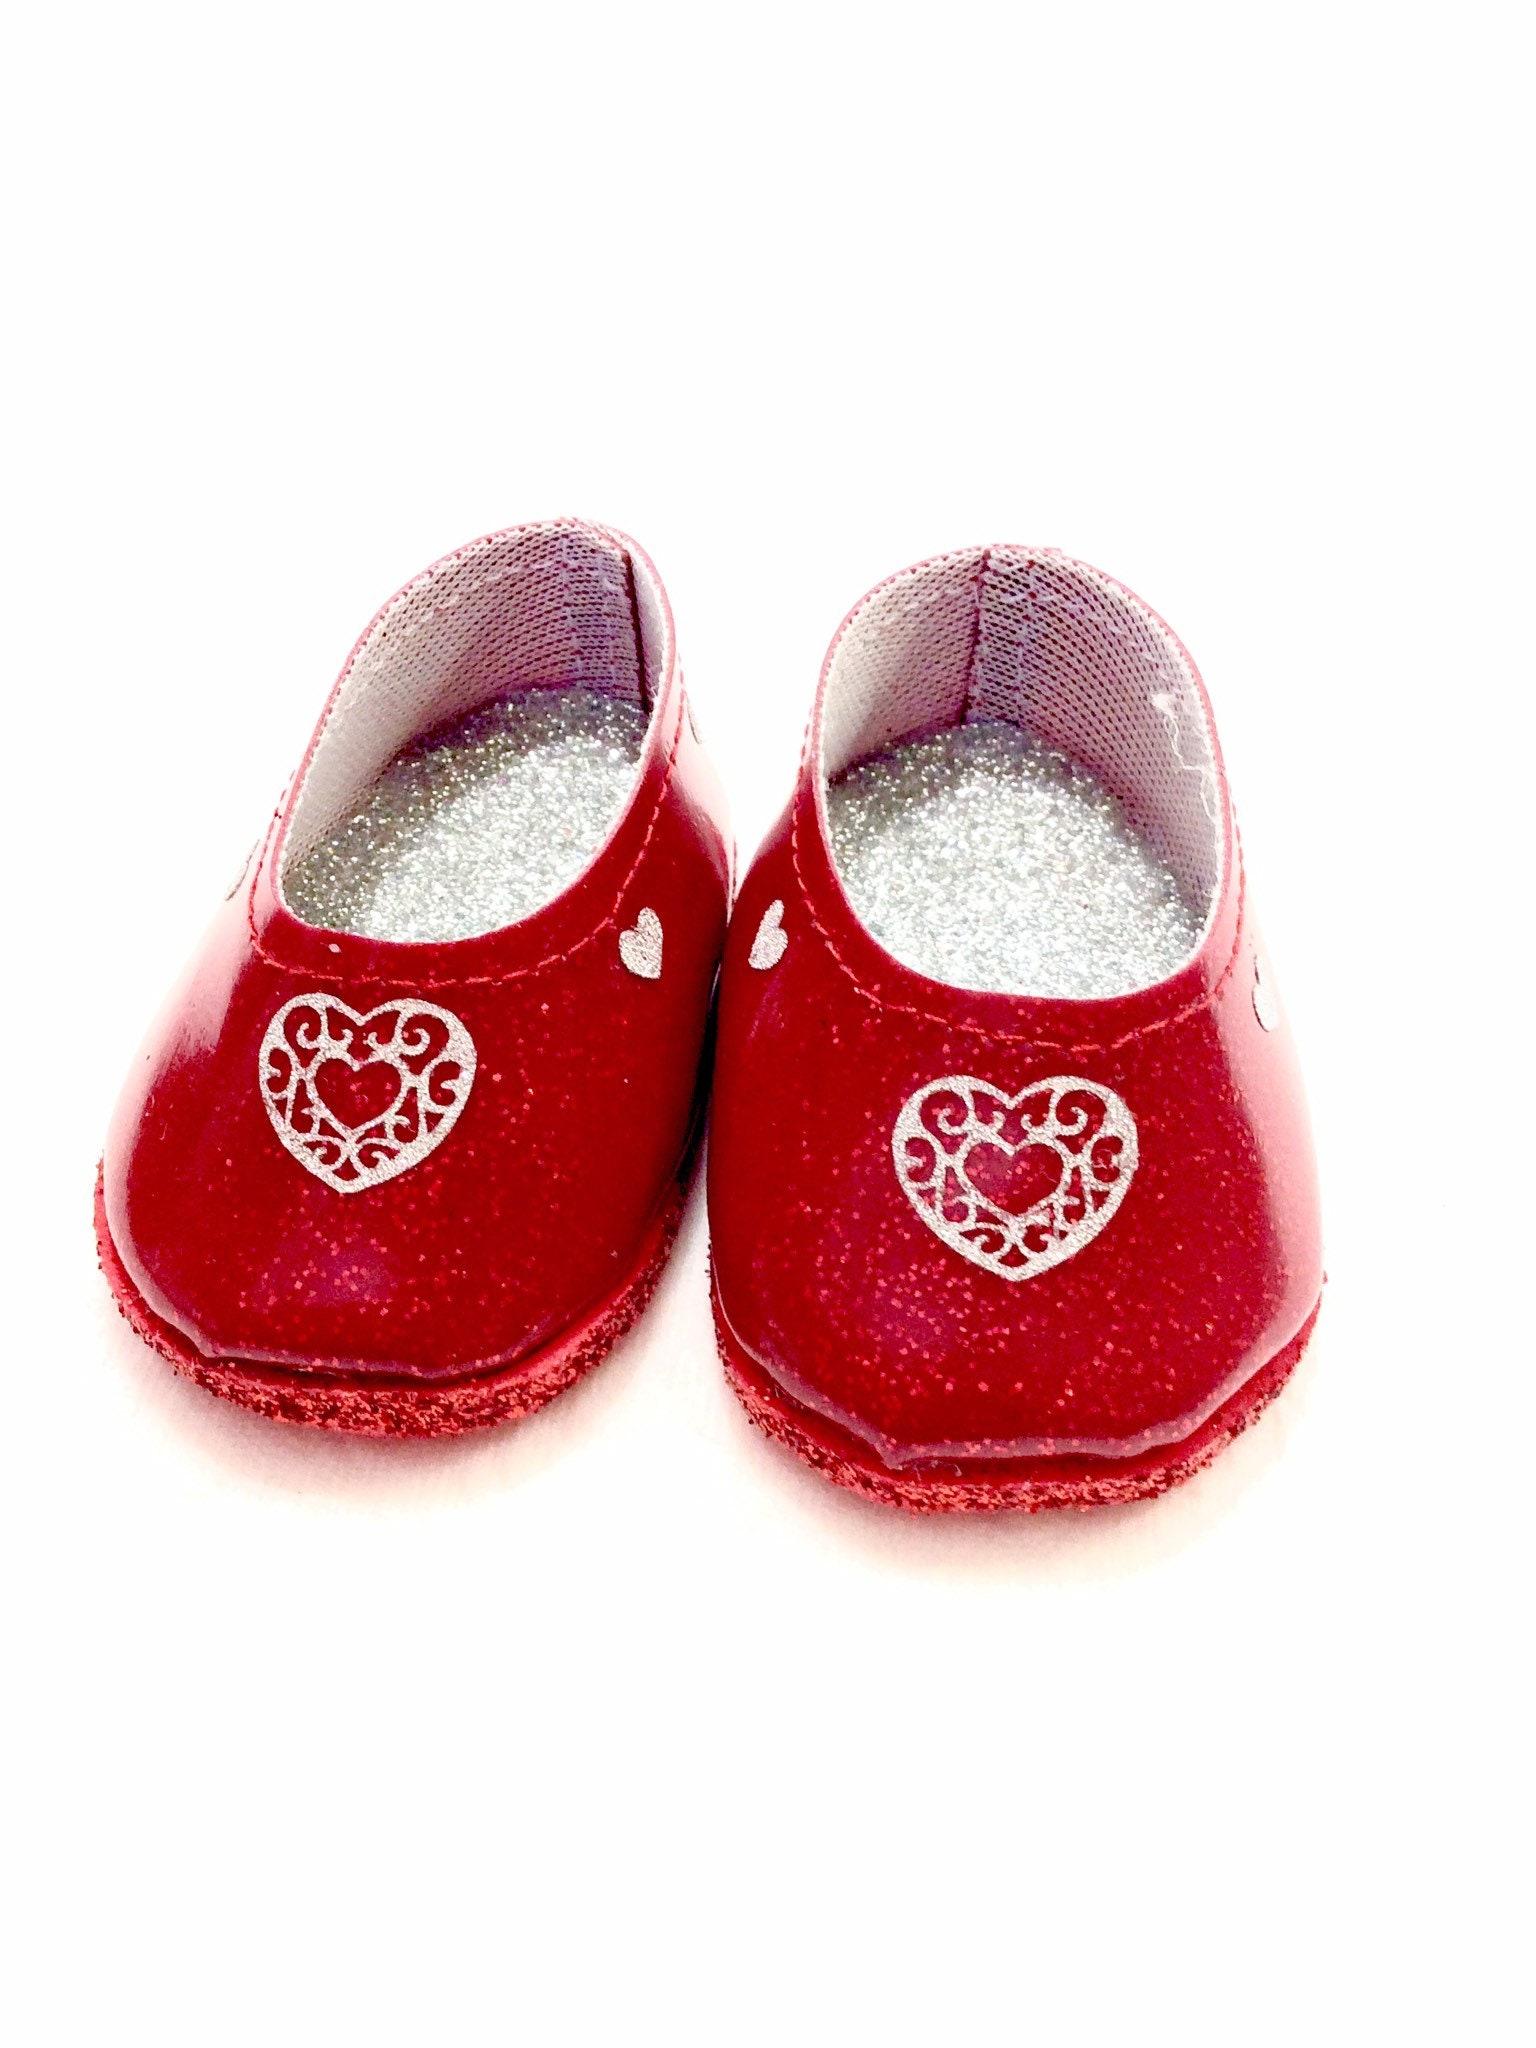 """Silver Glitter Rhinestone Flats Fits Wellie Wisher 14.5/"""" American Girl Shoes"""